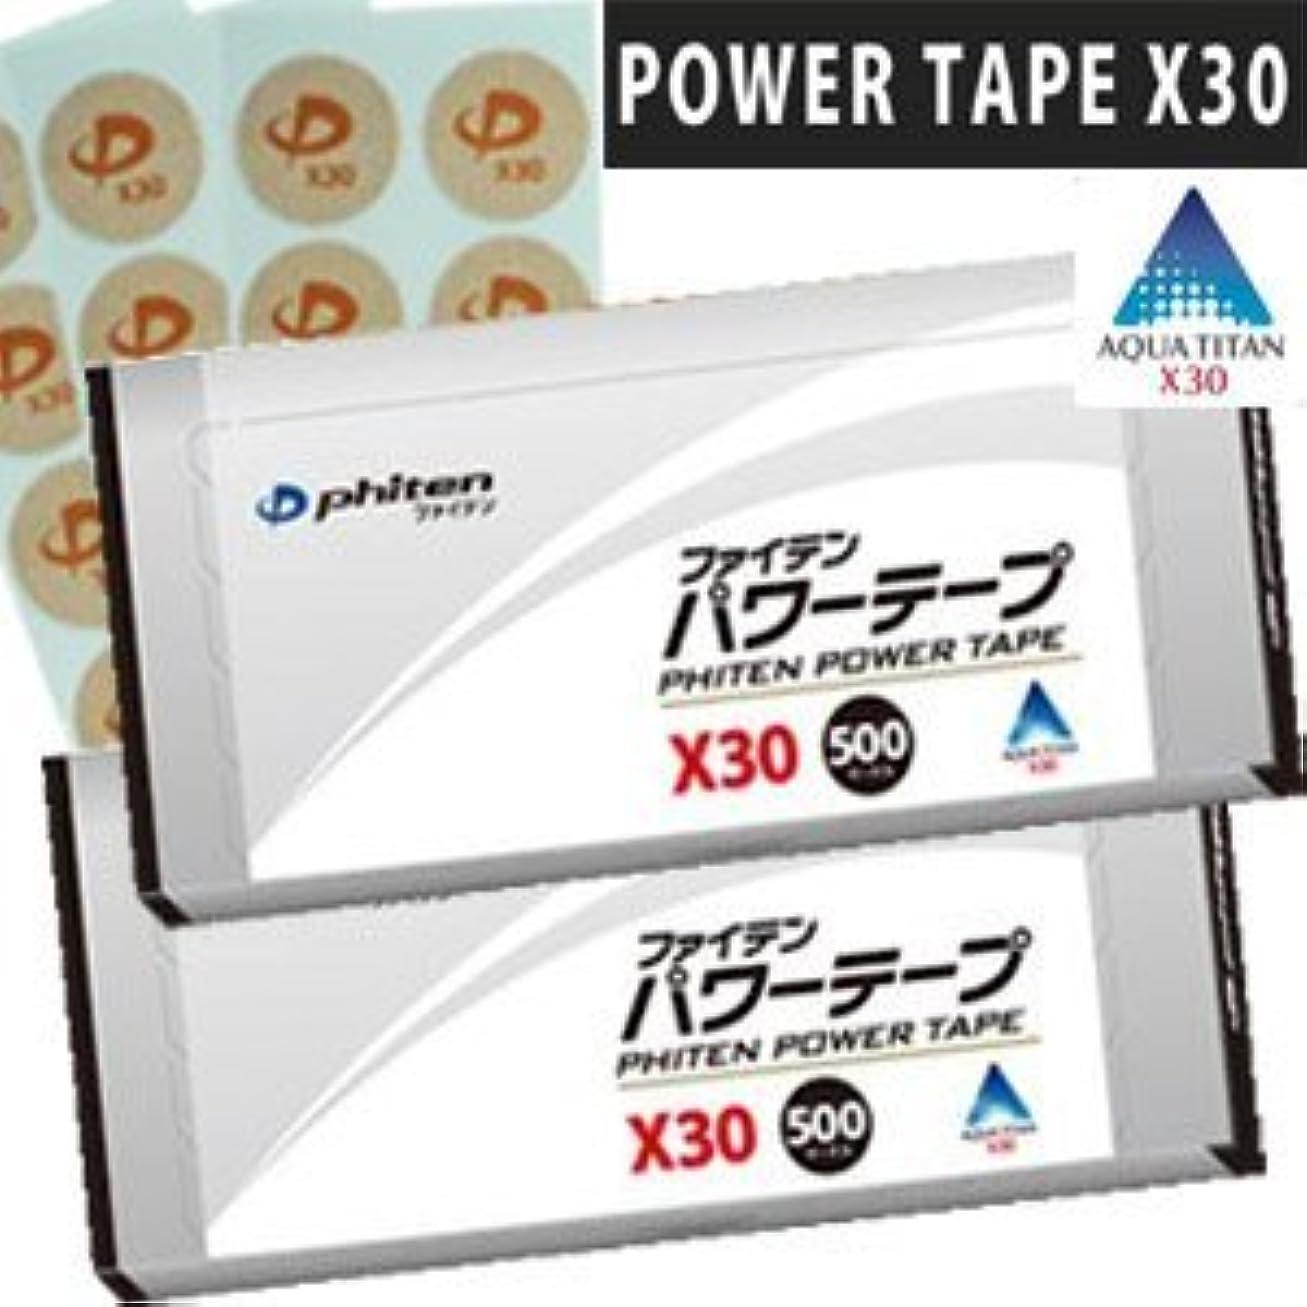 警察説教する災害【2個】 ファイテン パワーテープX30 500マーク入り×2個セット (4940756295465)